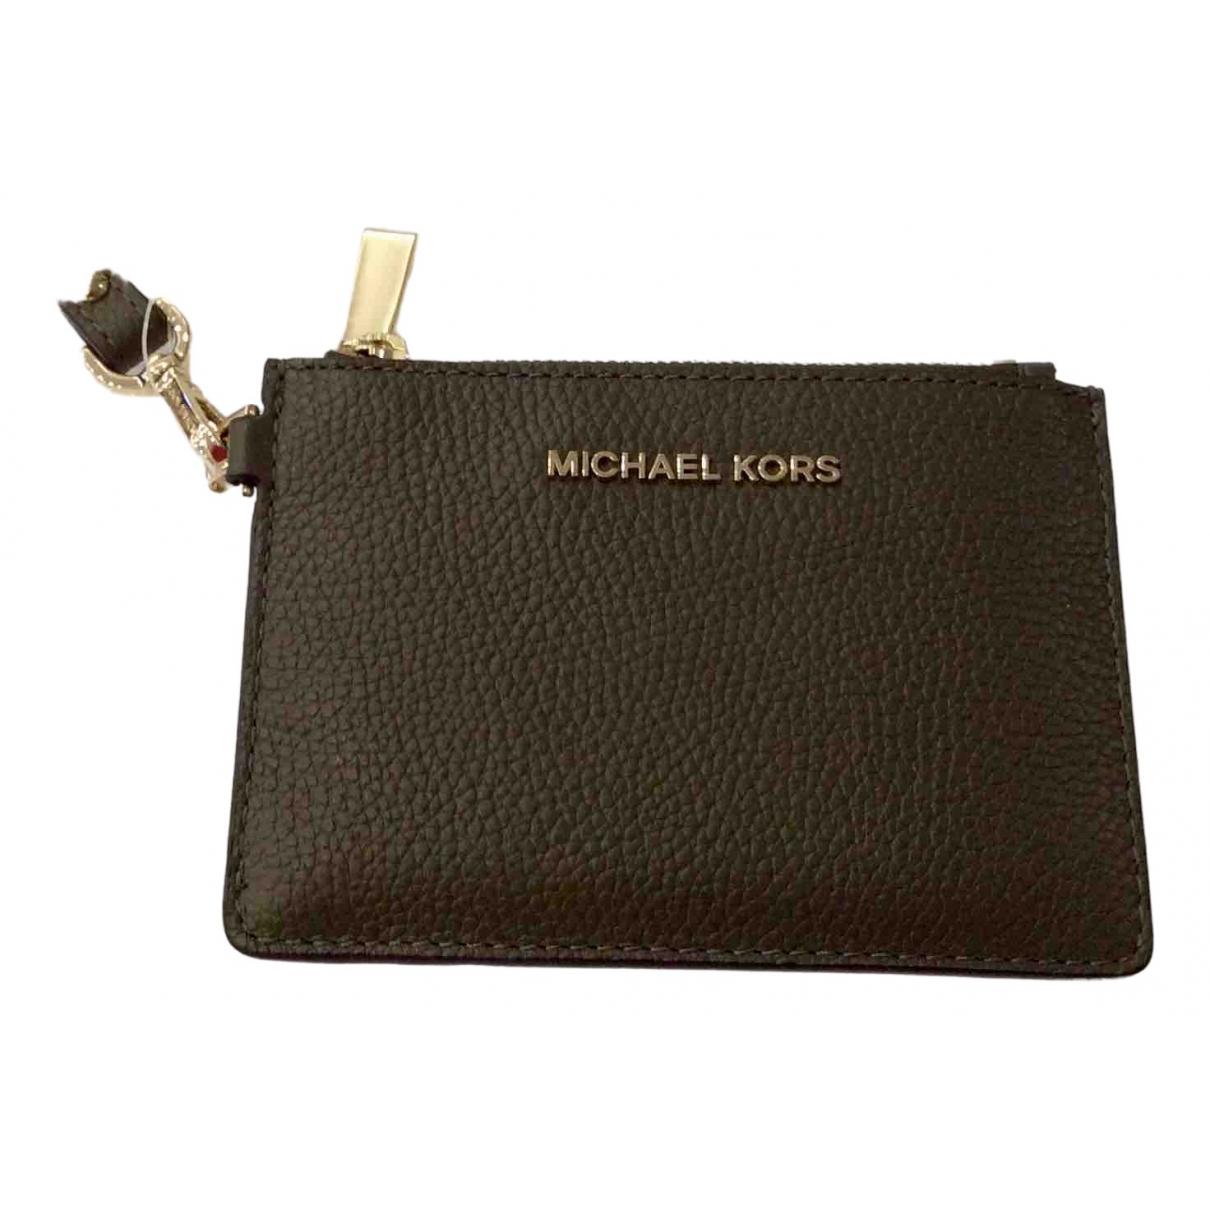 Michael Kors - Portefeuille   pour femme en cuir - kaki